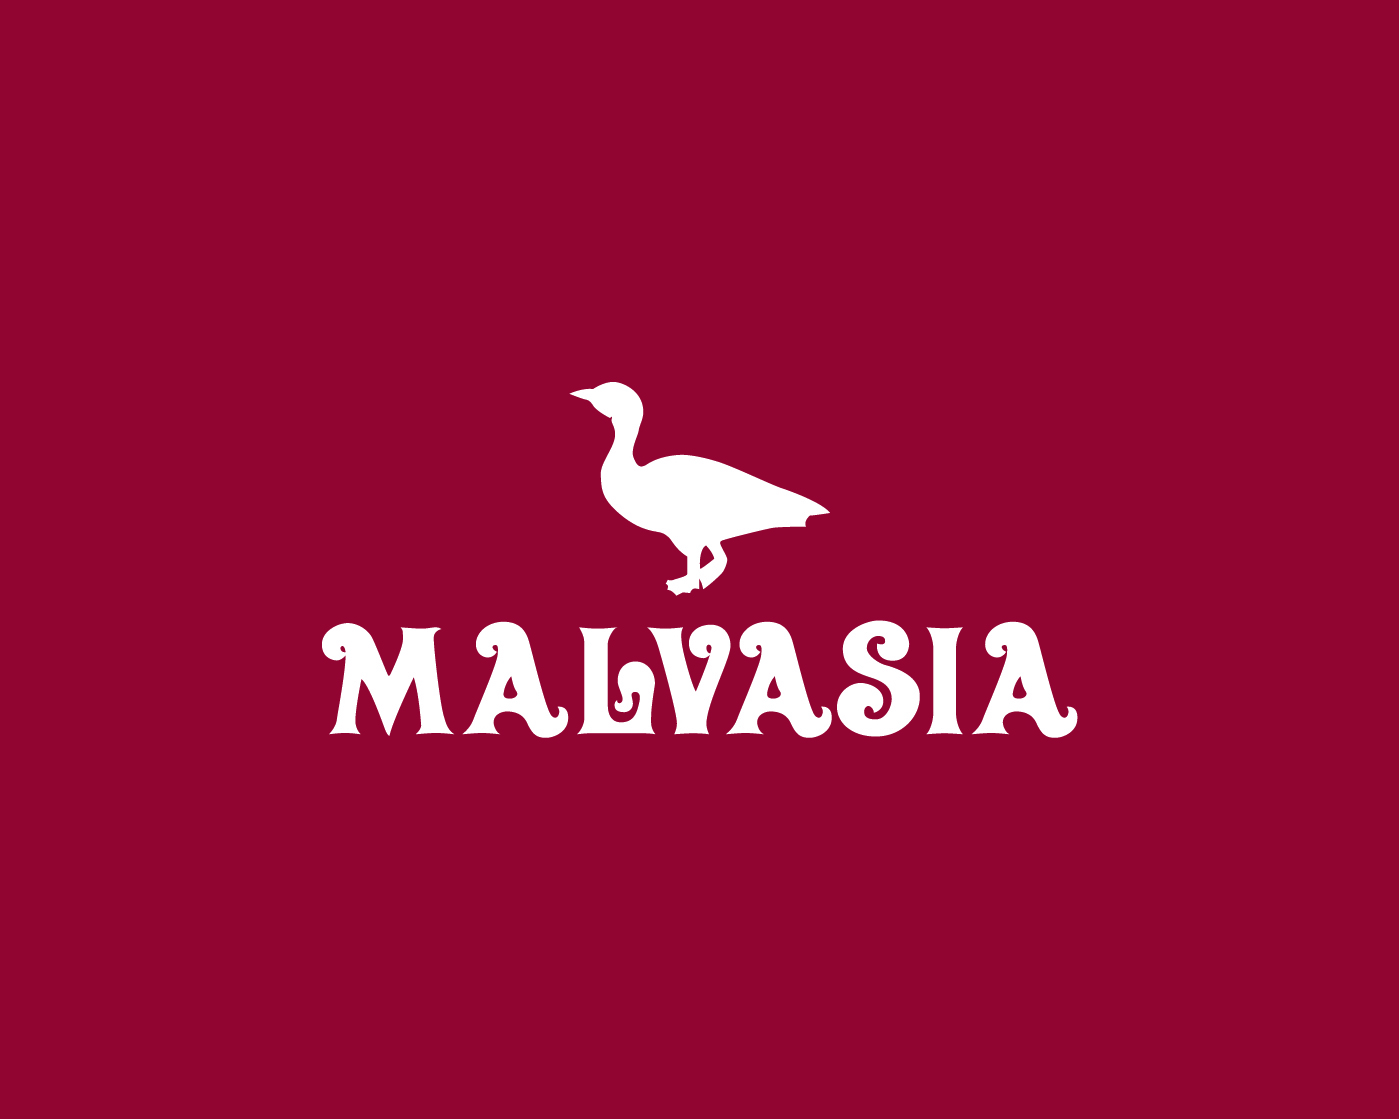 MALVASÍA: ALAS A LA EXPORTACIÓN